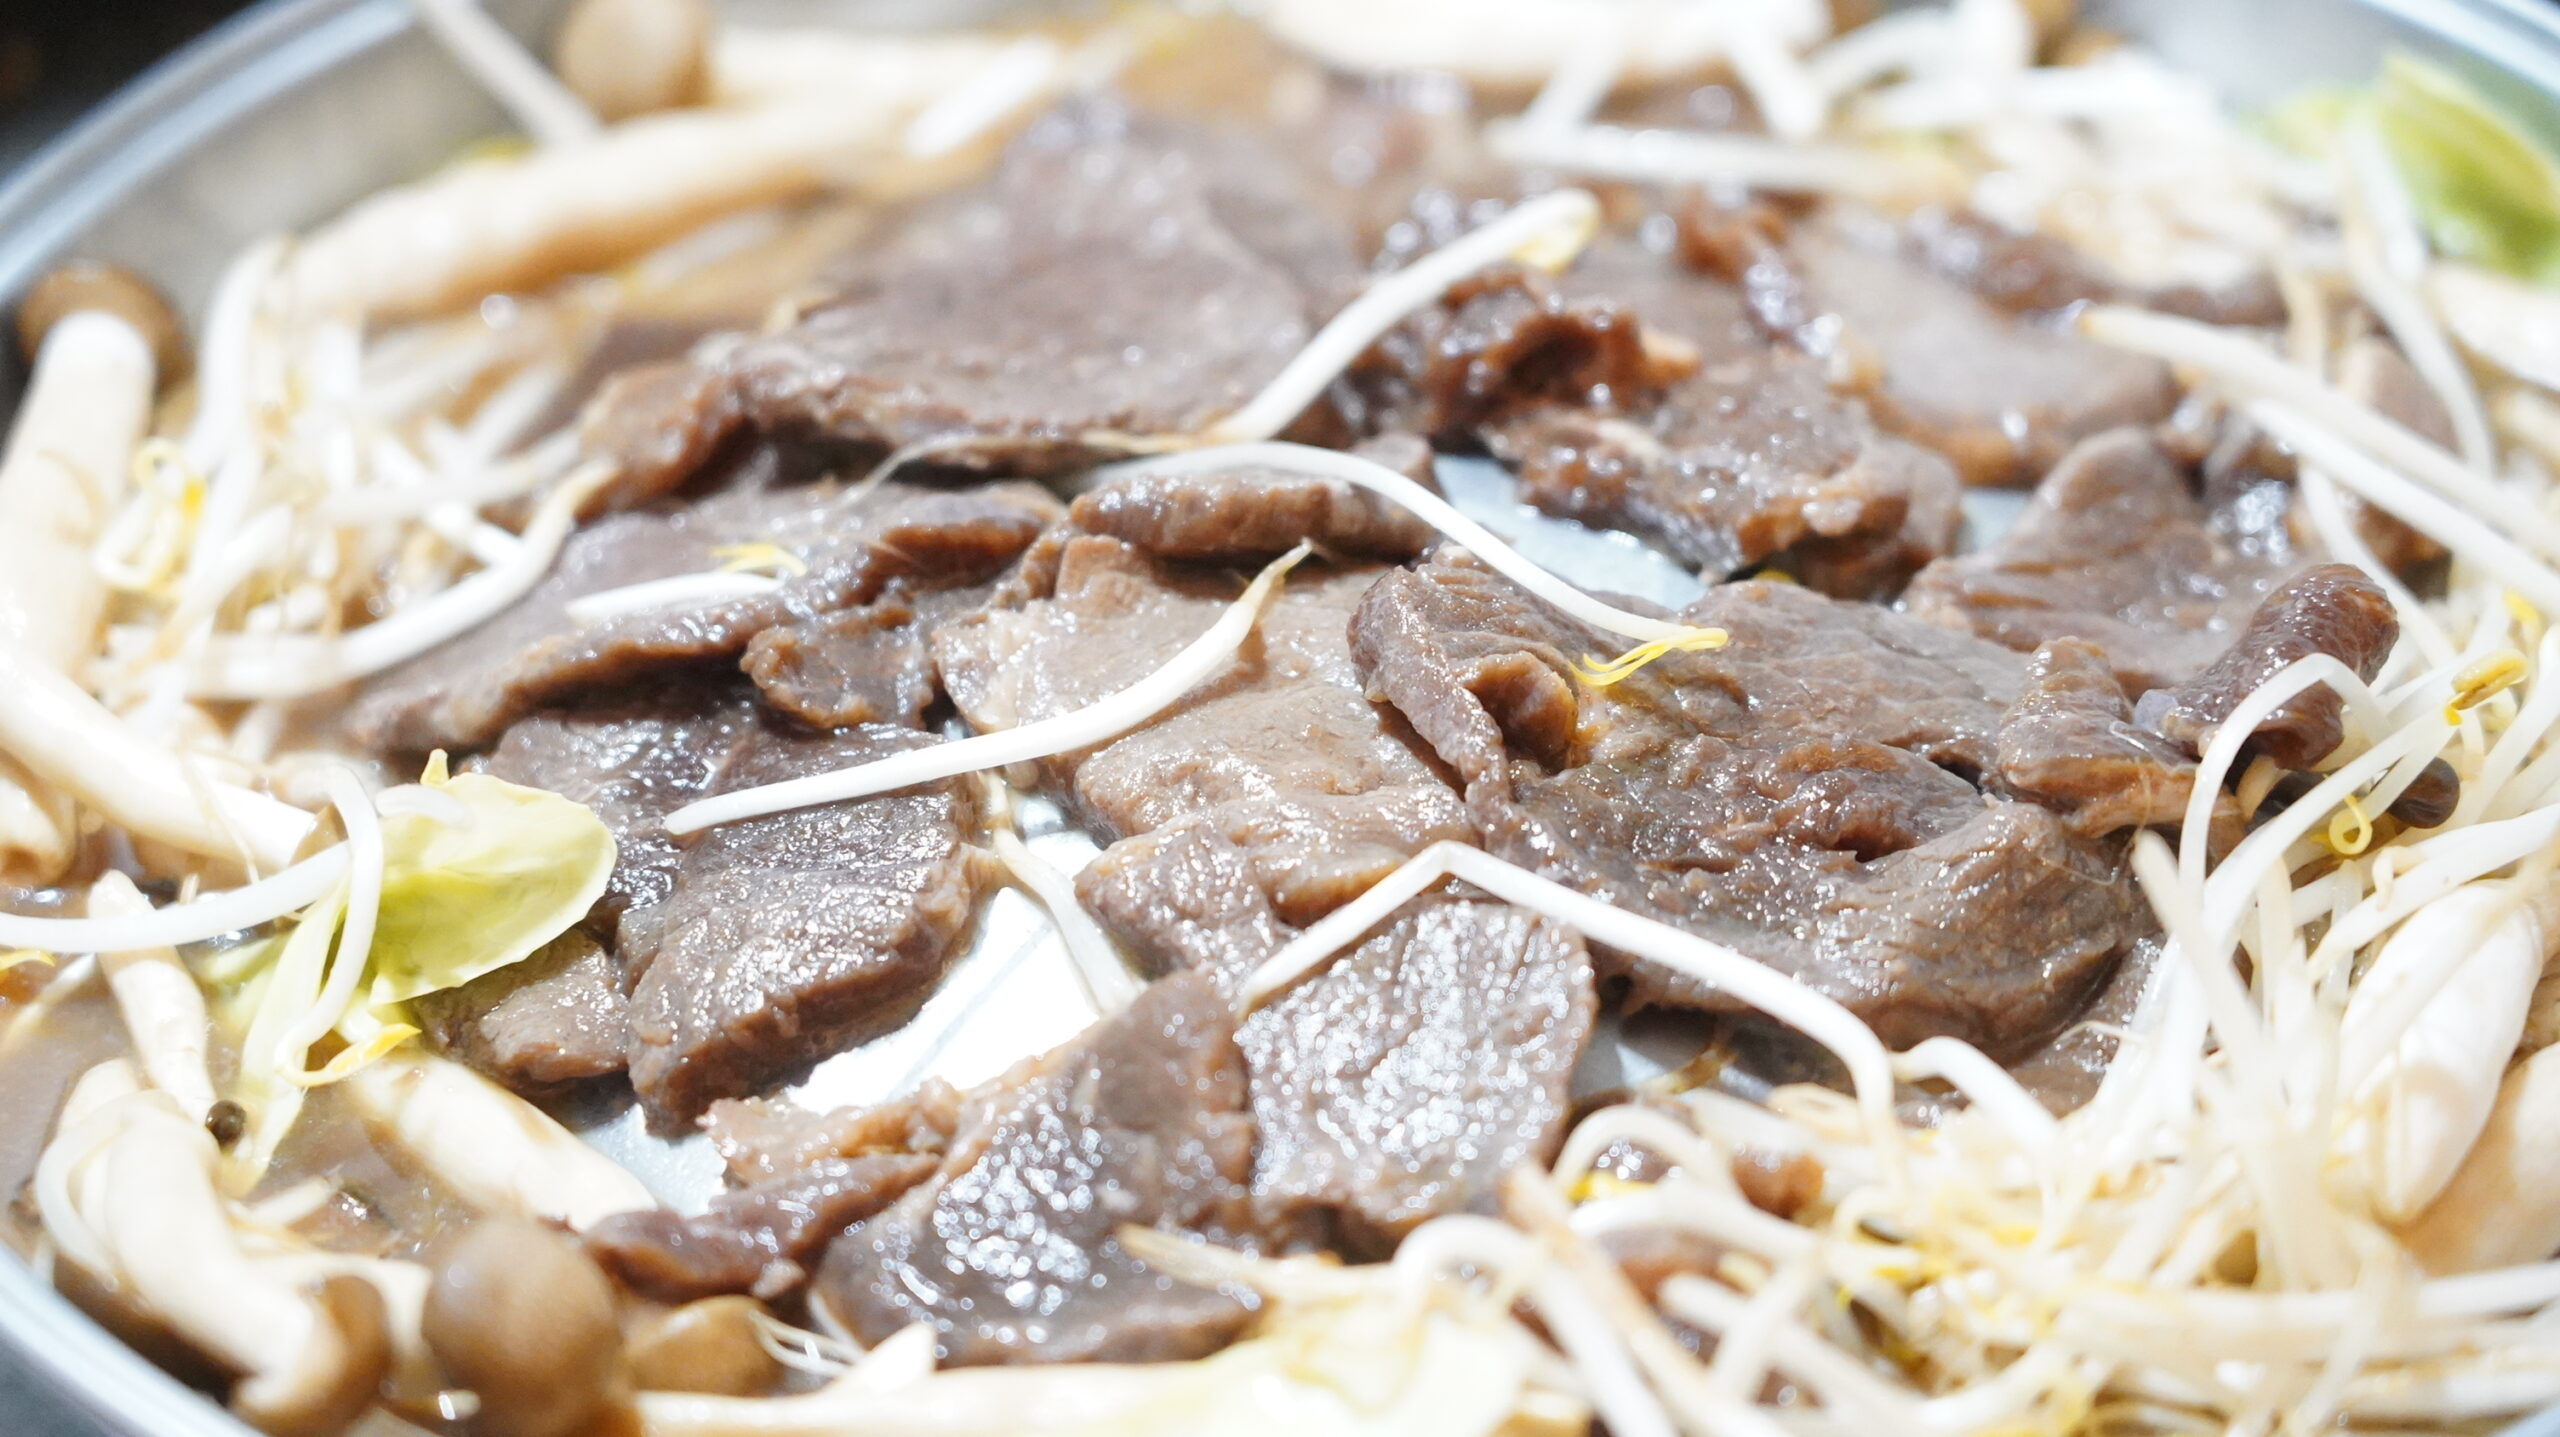 松尾ジンギスカンを通販でお取り寄せした冷凍マトン肉を焼いている状態の拡大写真